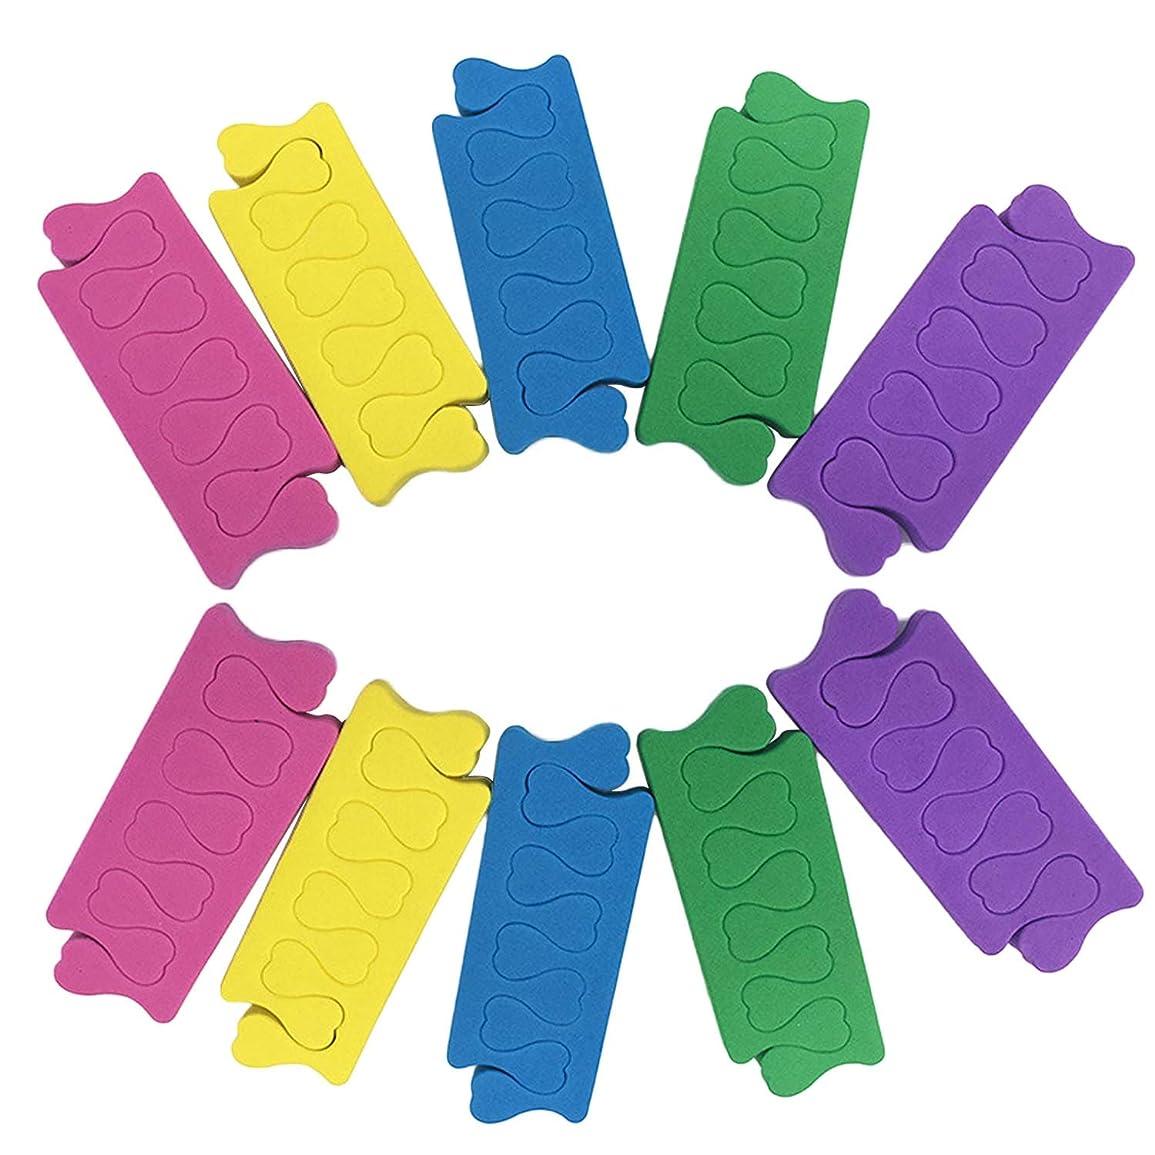 バイパス祝福するアカウントトゥセパレーター Migavann フィンガーセパレーター 50組の色の組み合わせソフトフォームスポンジフィンガーセパレーターデバイダーネイルアートマニキュアペディキュアツール